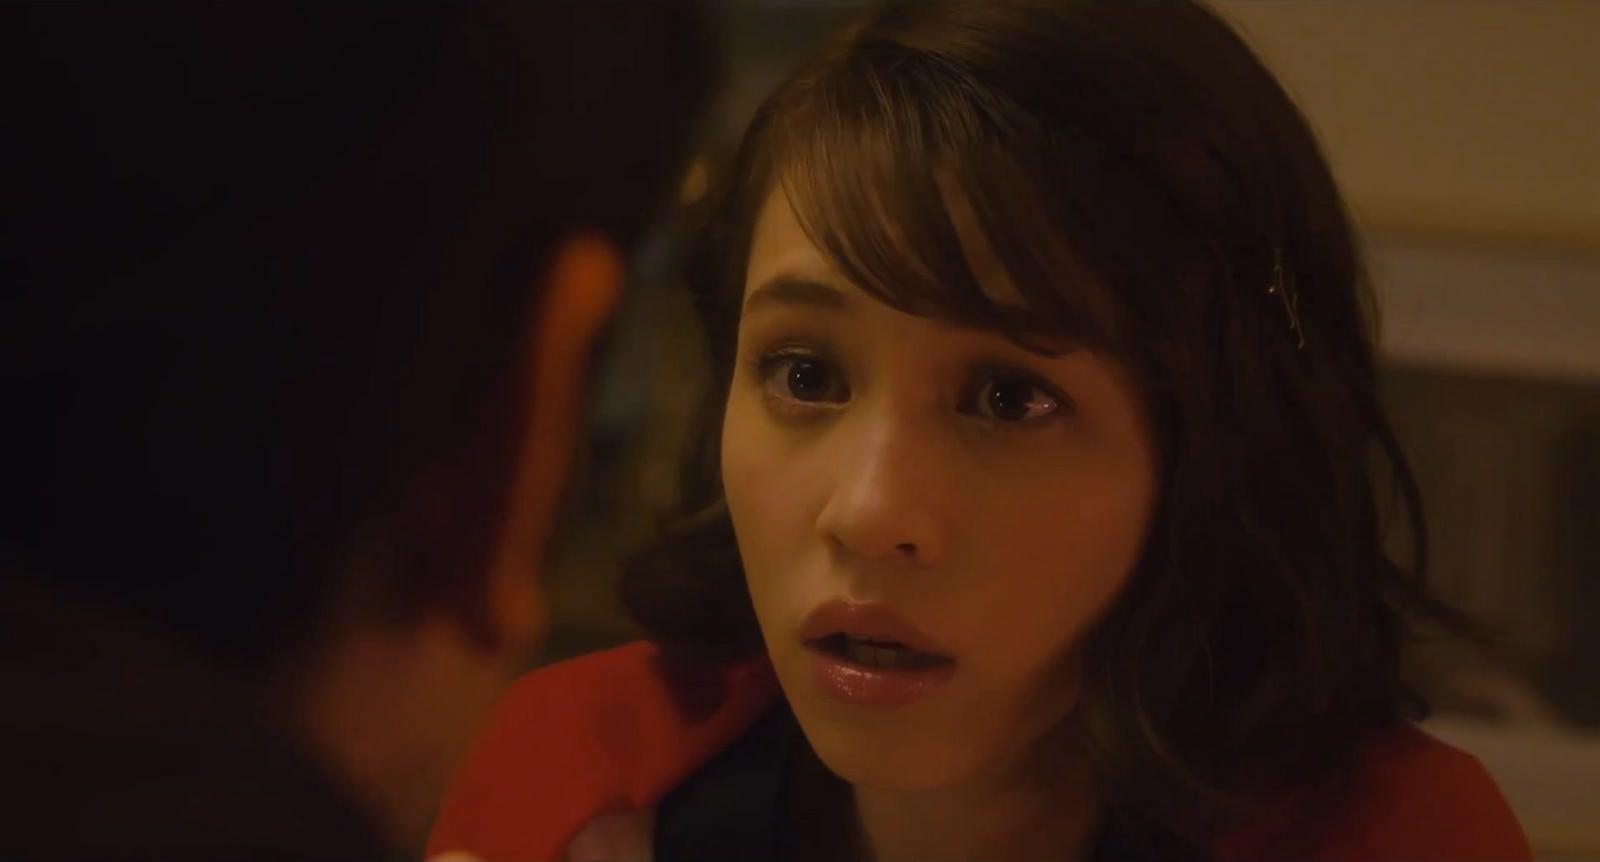 Movie, 奥田民生になりたいボーイと出会う男すべて狂わせるガール(日本) / 想成為奧田民生的BOY與讓遇見的男人都瘋狂的GIRL(台灣) / Tornado Girl(英文), 電影劇照